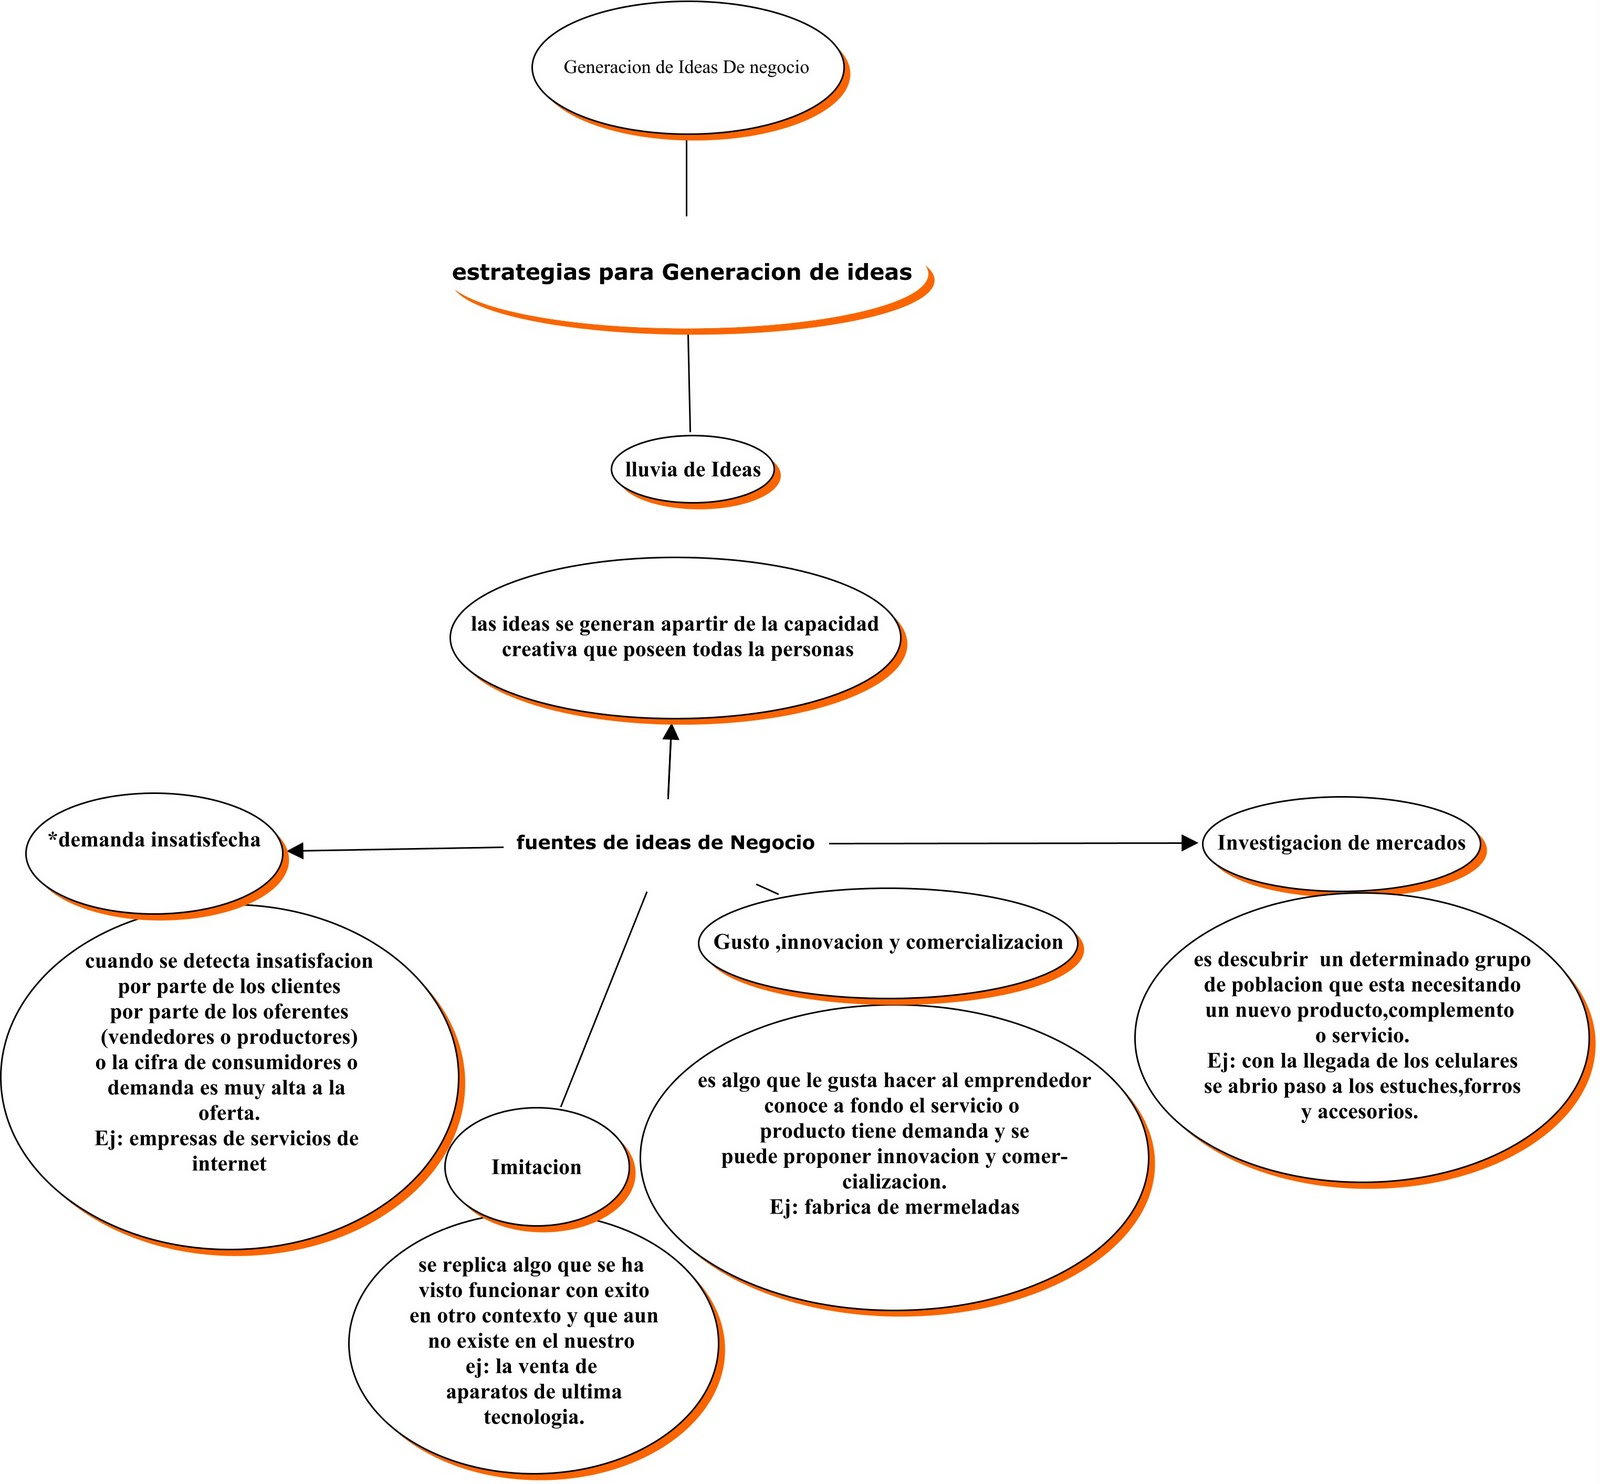 LOS COLINETOS: mapa conceptula generacion de ideas de negocios